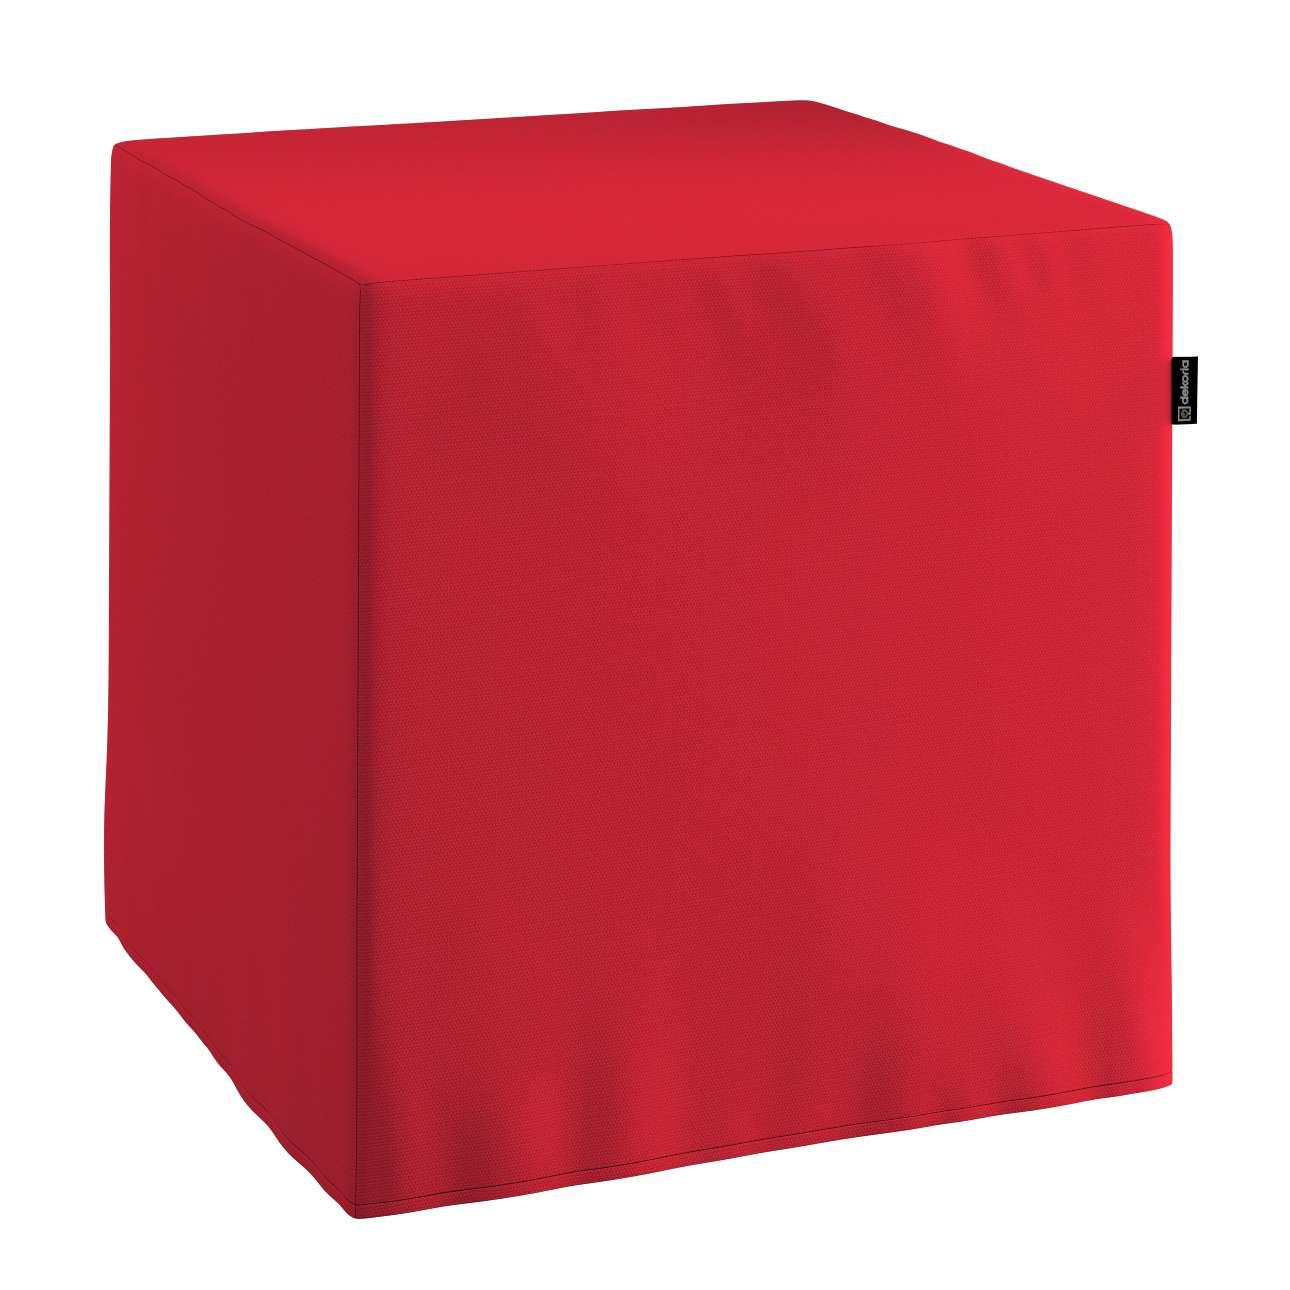 Bezug für Sitzwürfel Bezug für Sitzwürfel 40x40x40 cm von der Kollektion Cotton Panama, Stoff: 702-04